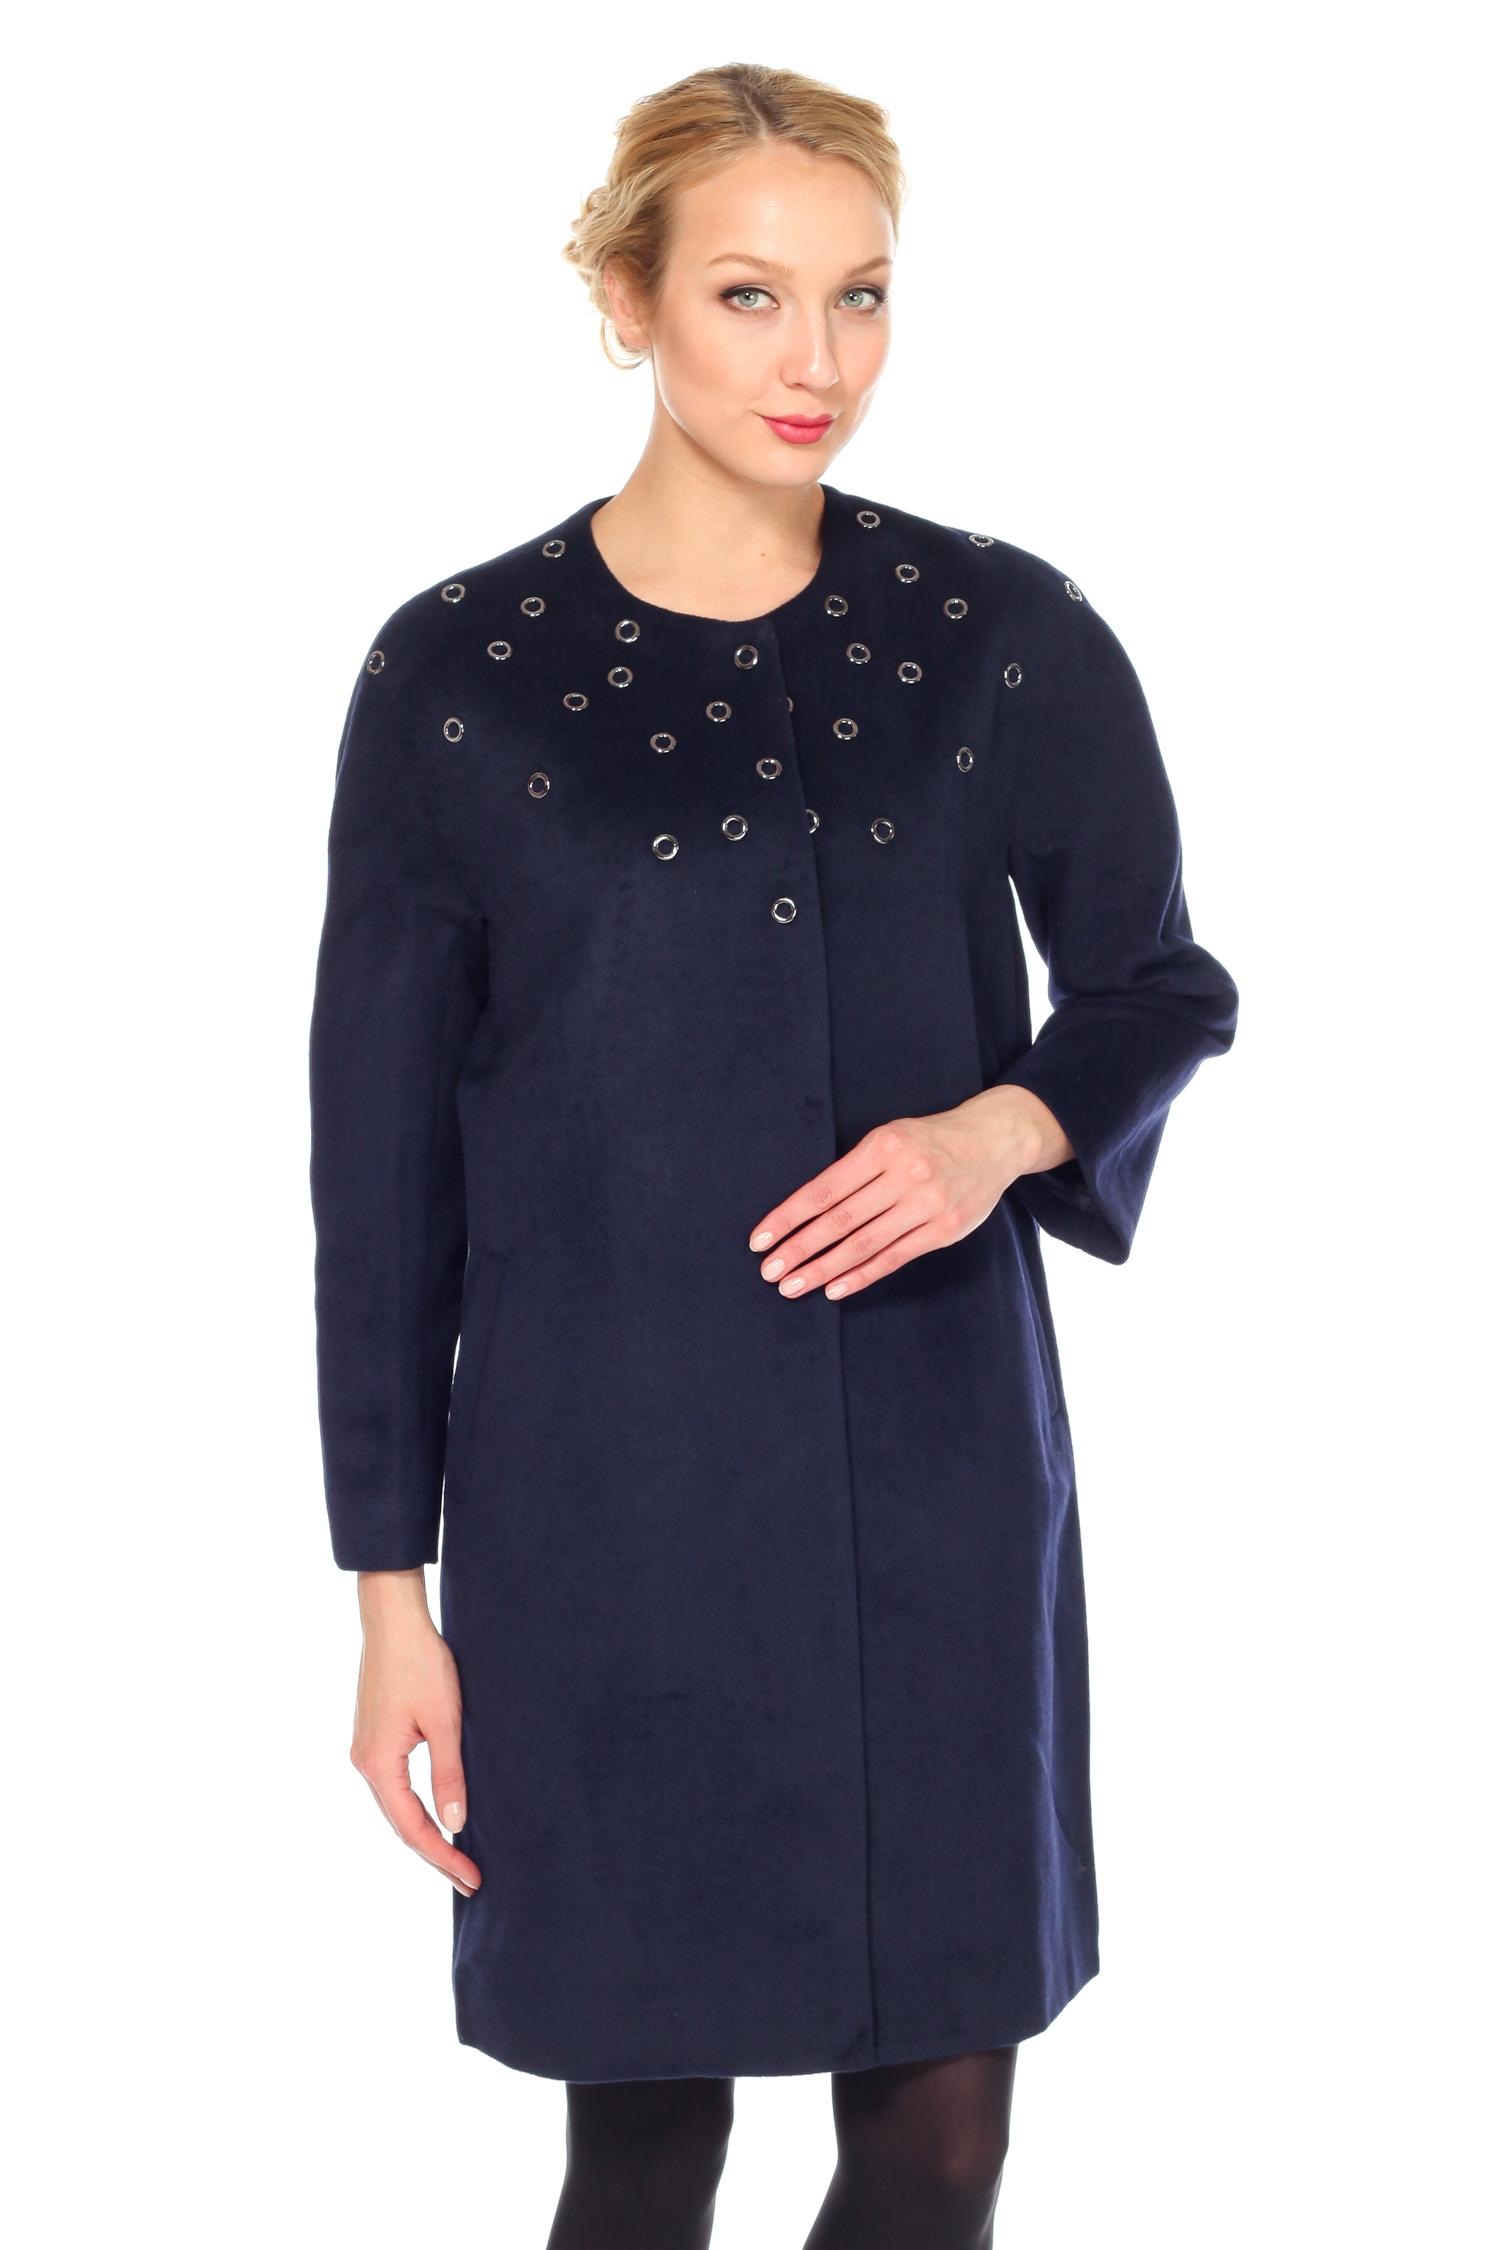 Женское пальто с воротником, без отделки<br><br>Цвет: Темно-синий<br>Воротник: Шанель<br>Длина см: 100<br>Материал: 70% полиэстер 20% шерсть 10% вискоза<br>Пол: Женский<br>Размер RU: 48